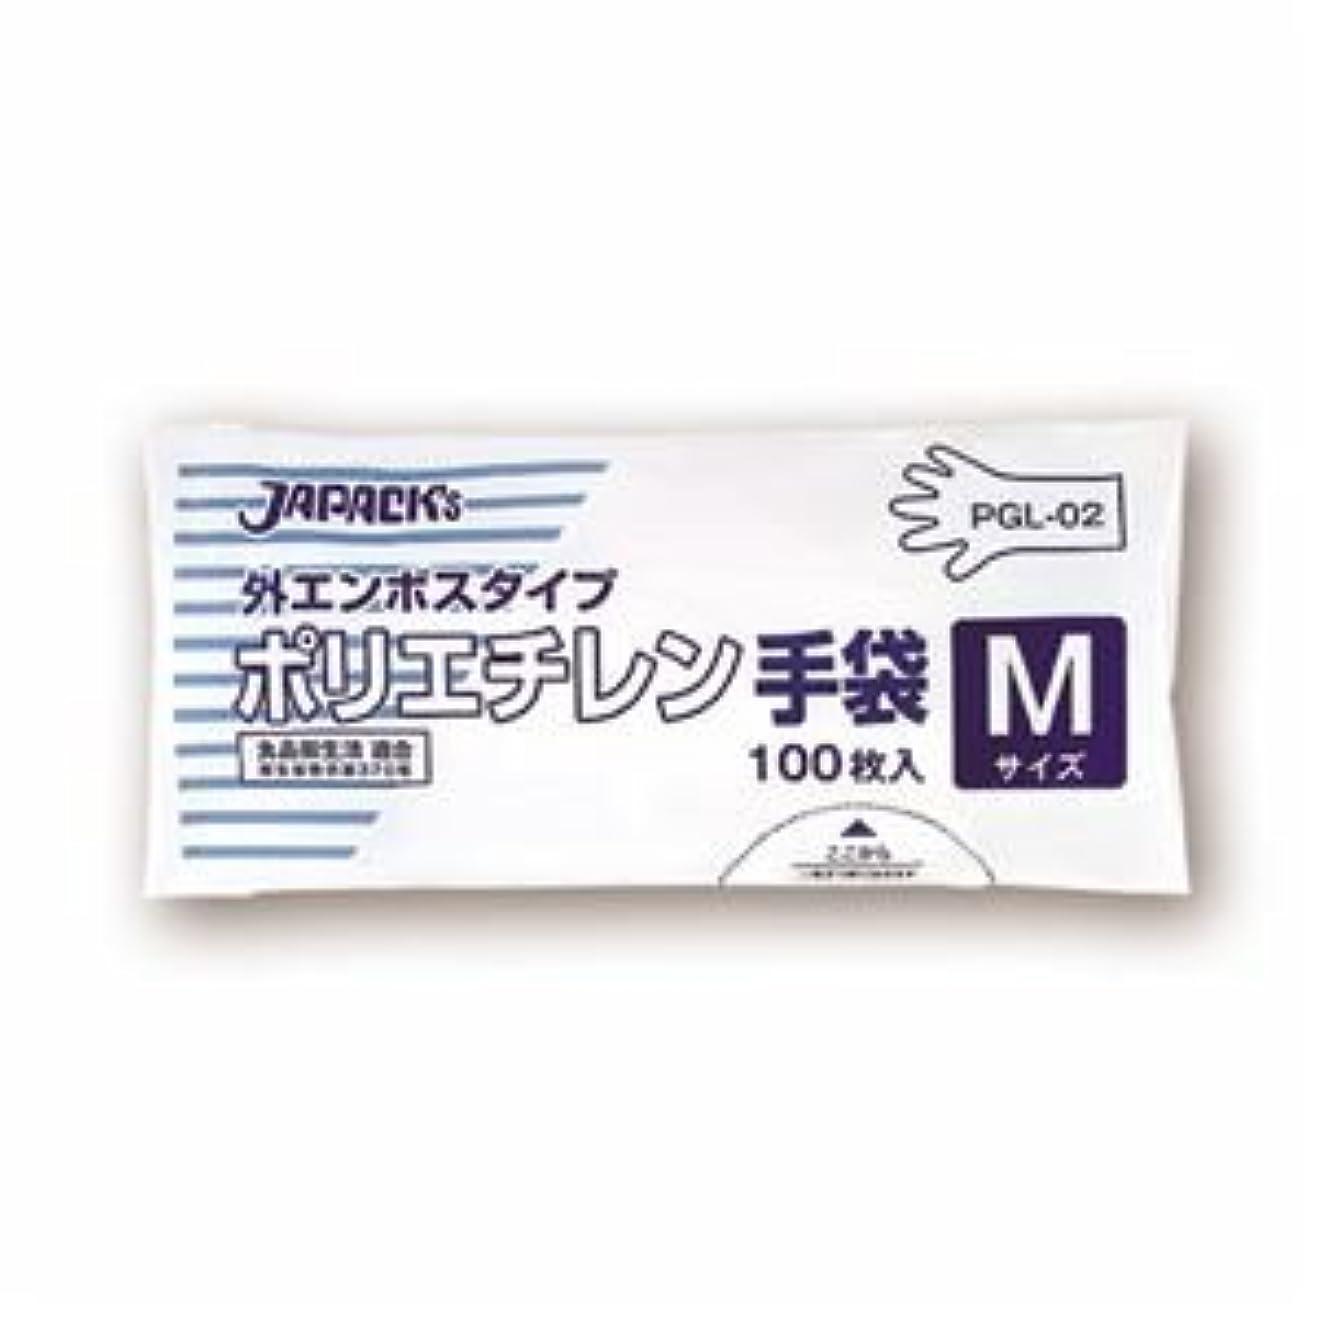 篭裂け目子豚(まとめ) ジャパックス 外エンボスタイプ LDポリエチレン手袋 M PGL-02 1パック(100